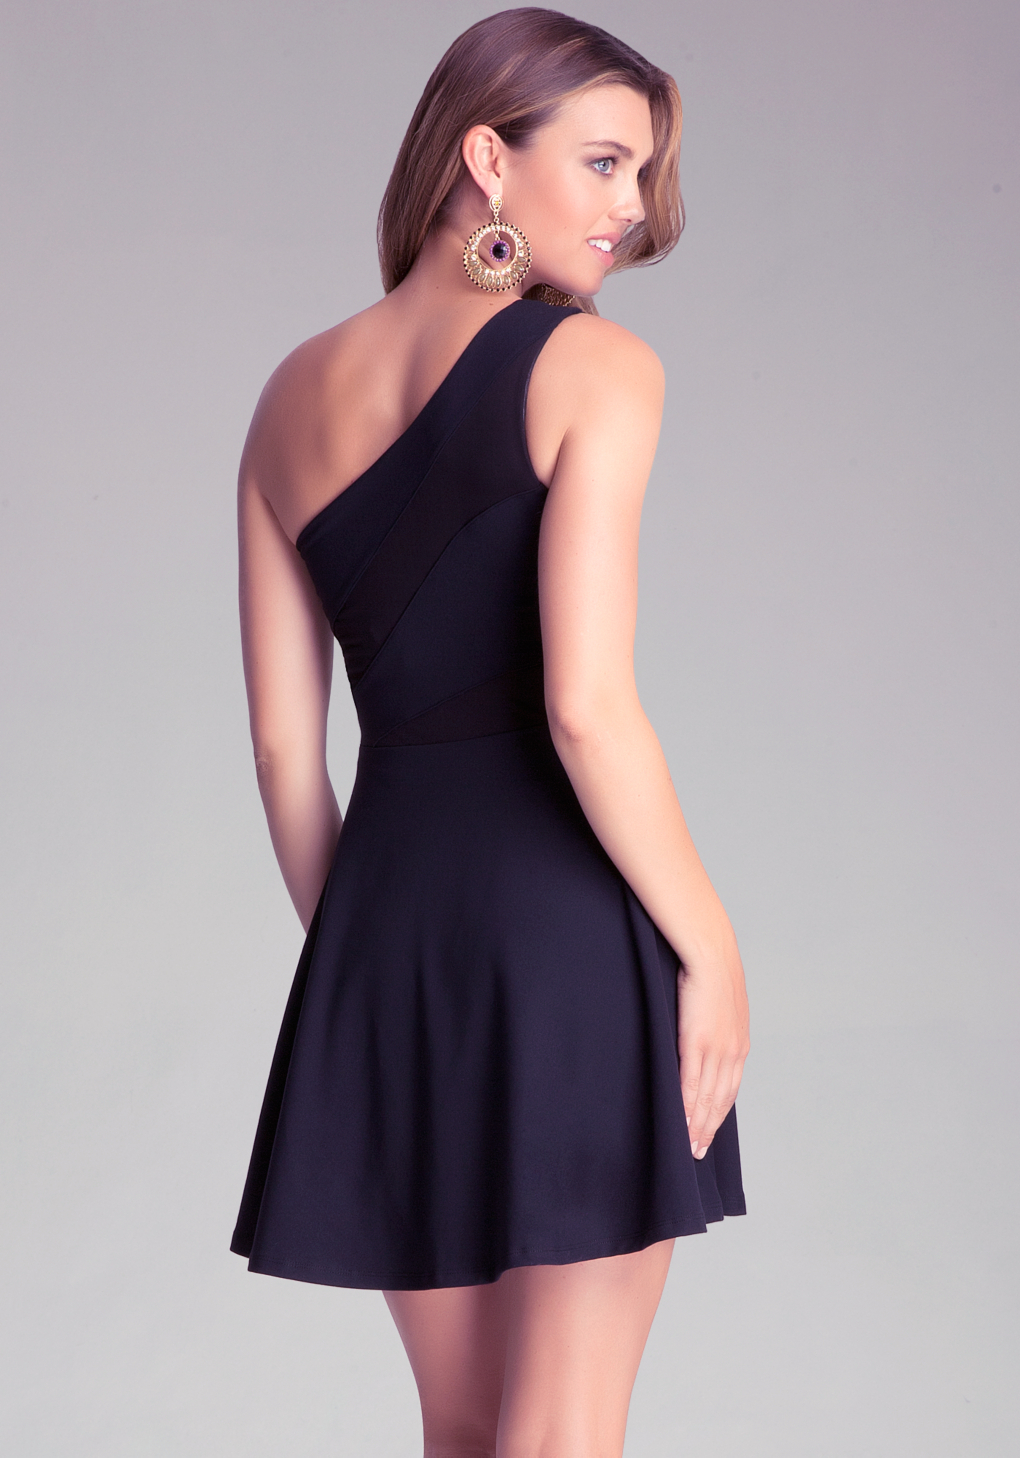 Bebe One Shoulder Fit Flare Dress In Black Lyst